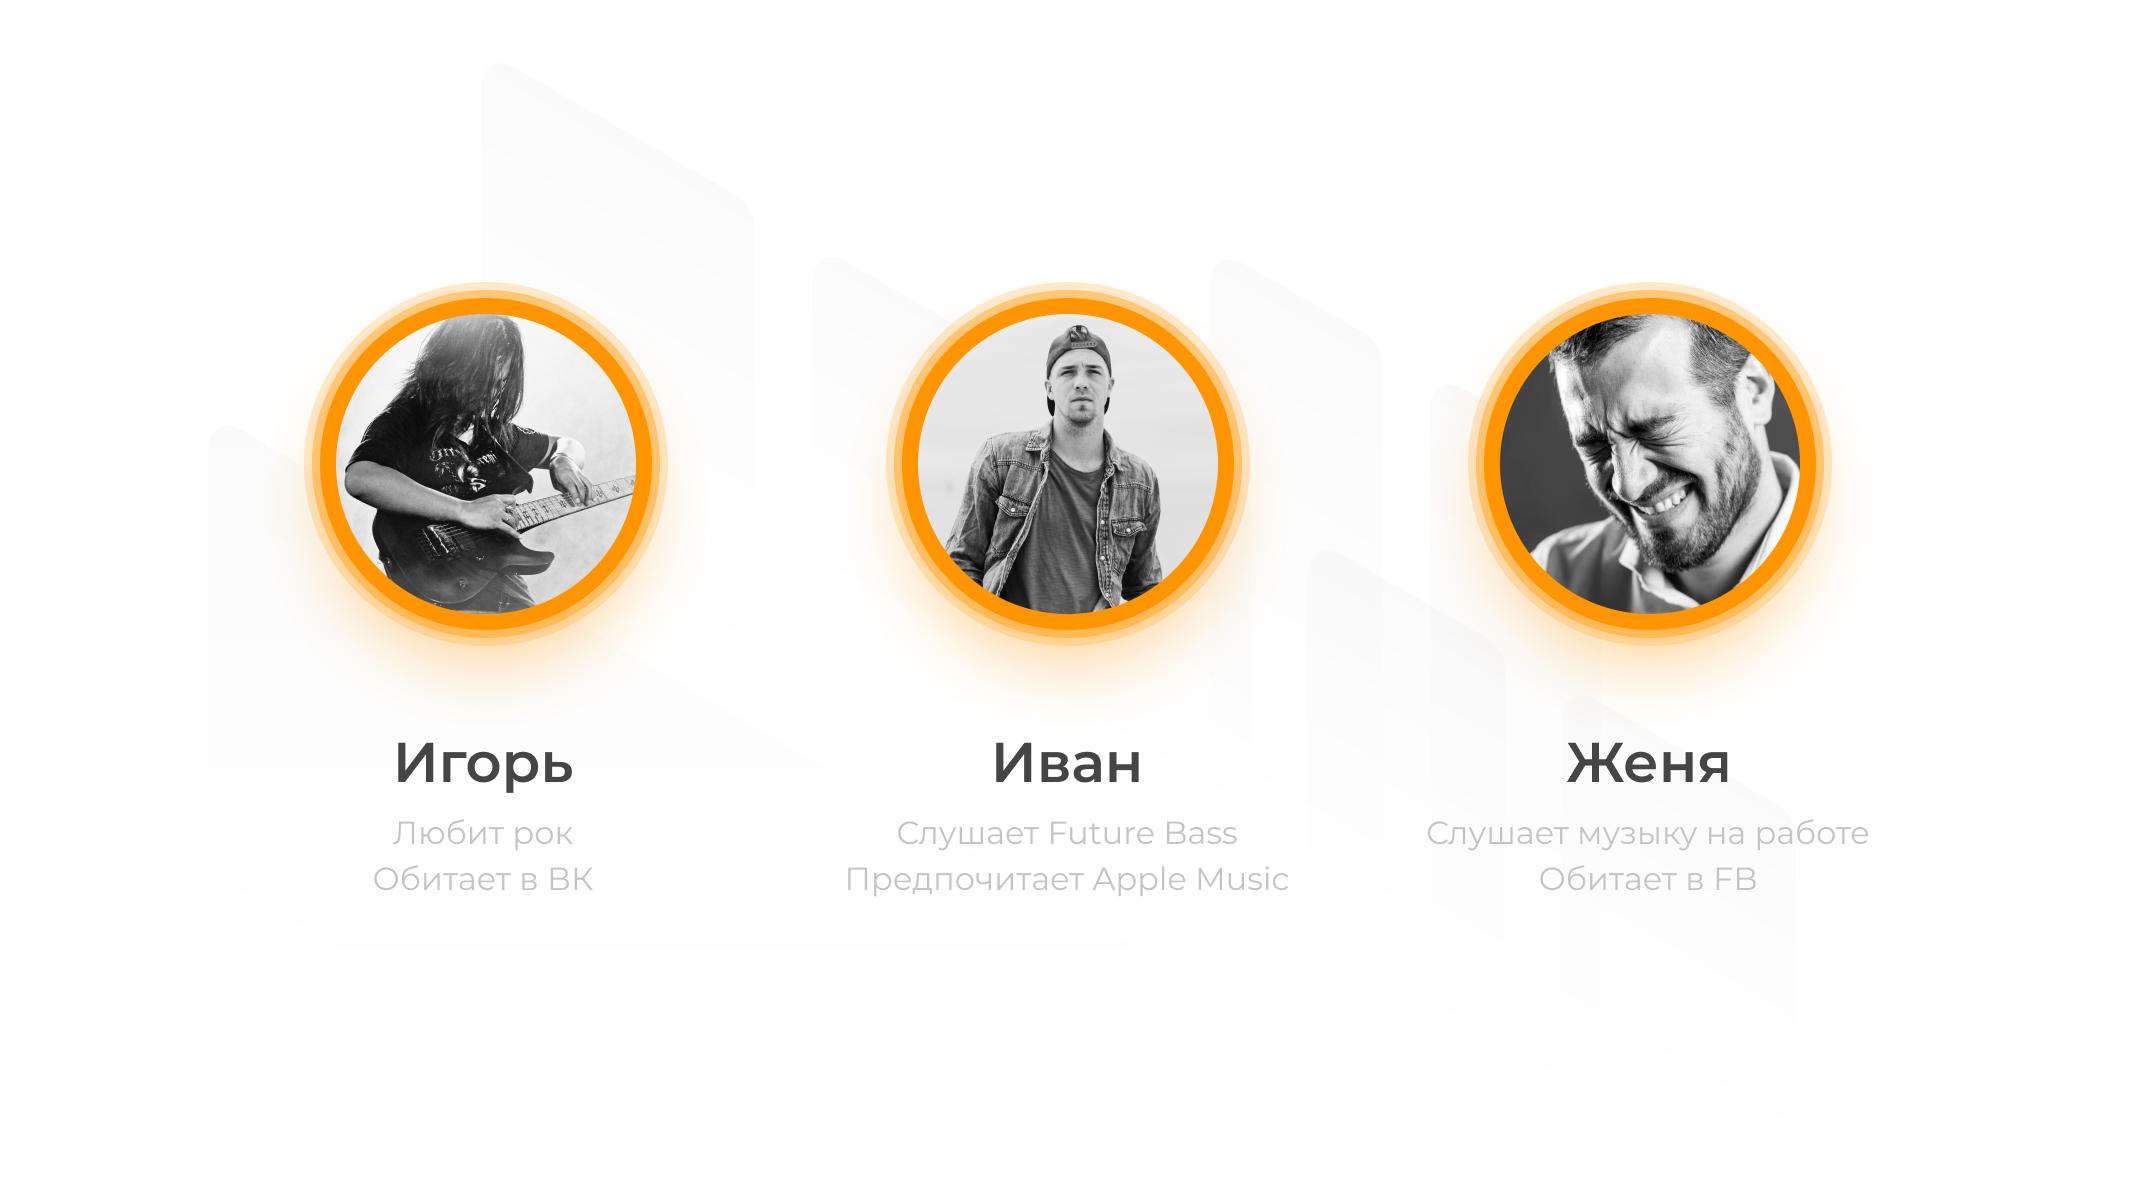 Пример выбора по методу персон для приложения связанного с прослушиванием музыки.  Игорь – любит рок, обитает в ВК Иван – слушает Future Bass. Предпочитает Apple Music. Женя – слушает музыку на работе. Обитает на Facebook.